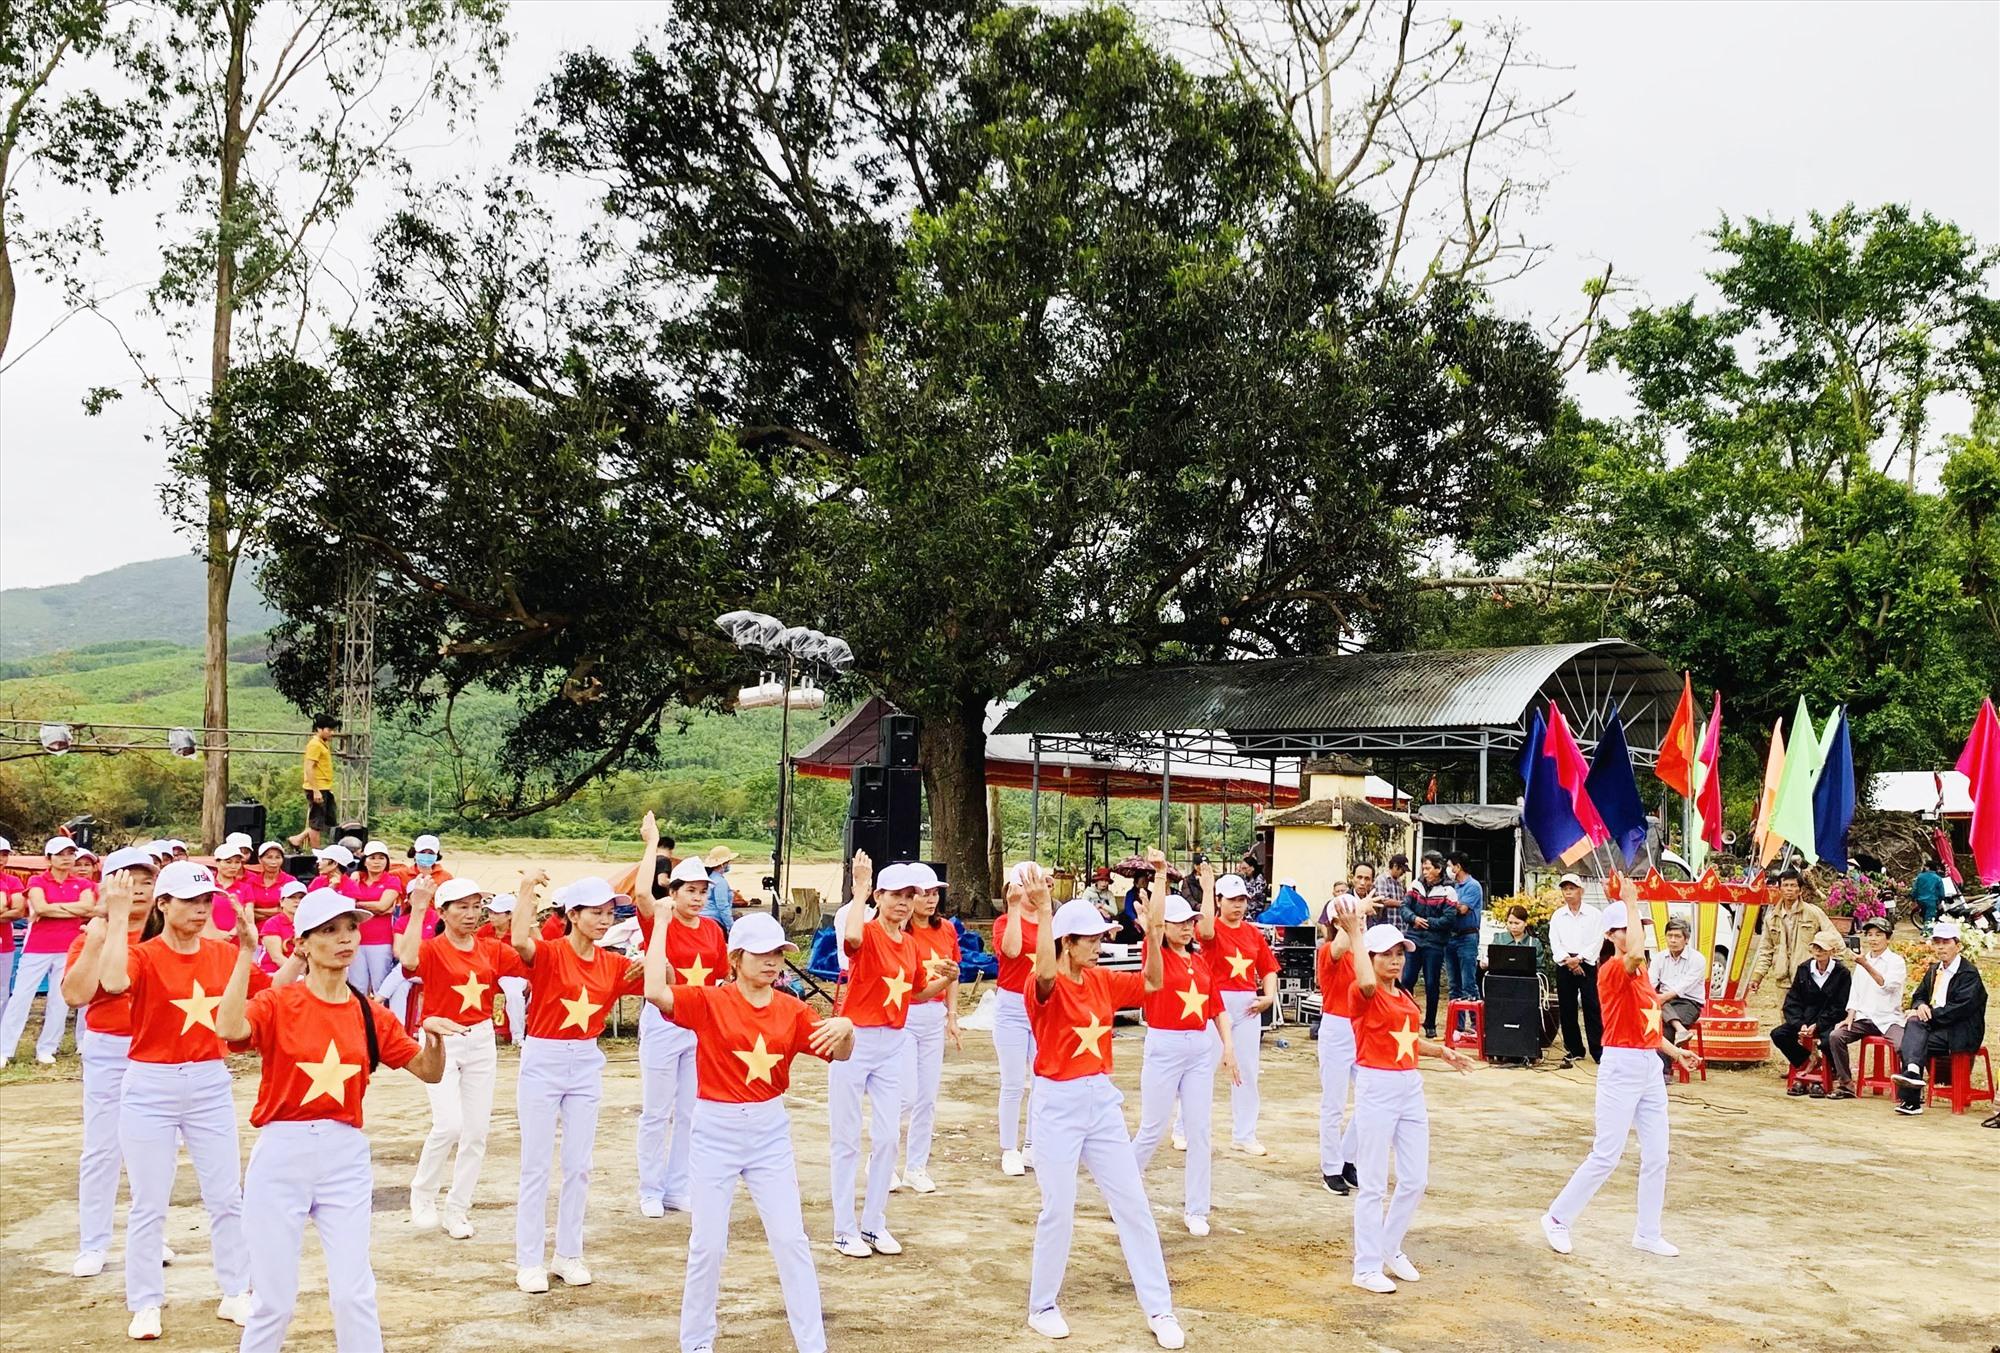 Giao lưu đồng diễn trước khi khai lễ Bà Thu Bồn, tổ chức chiều 22.3. Ảnh: T.T